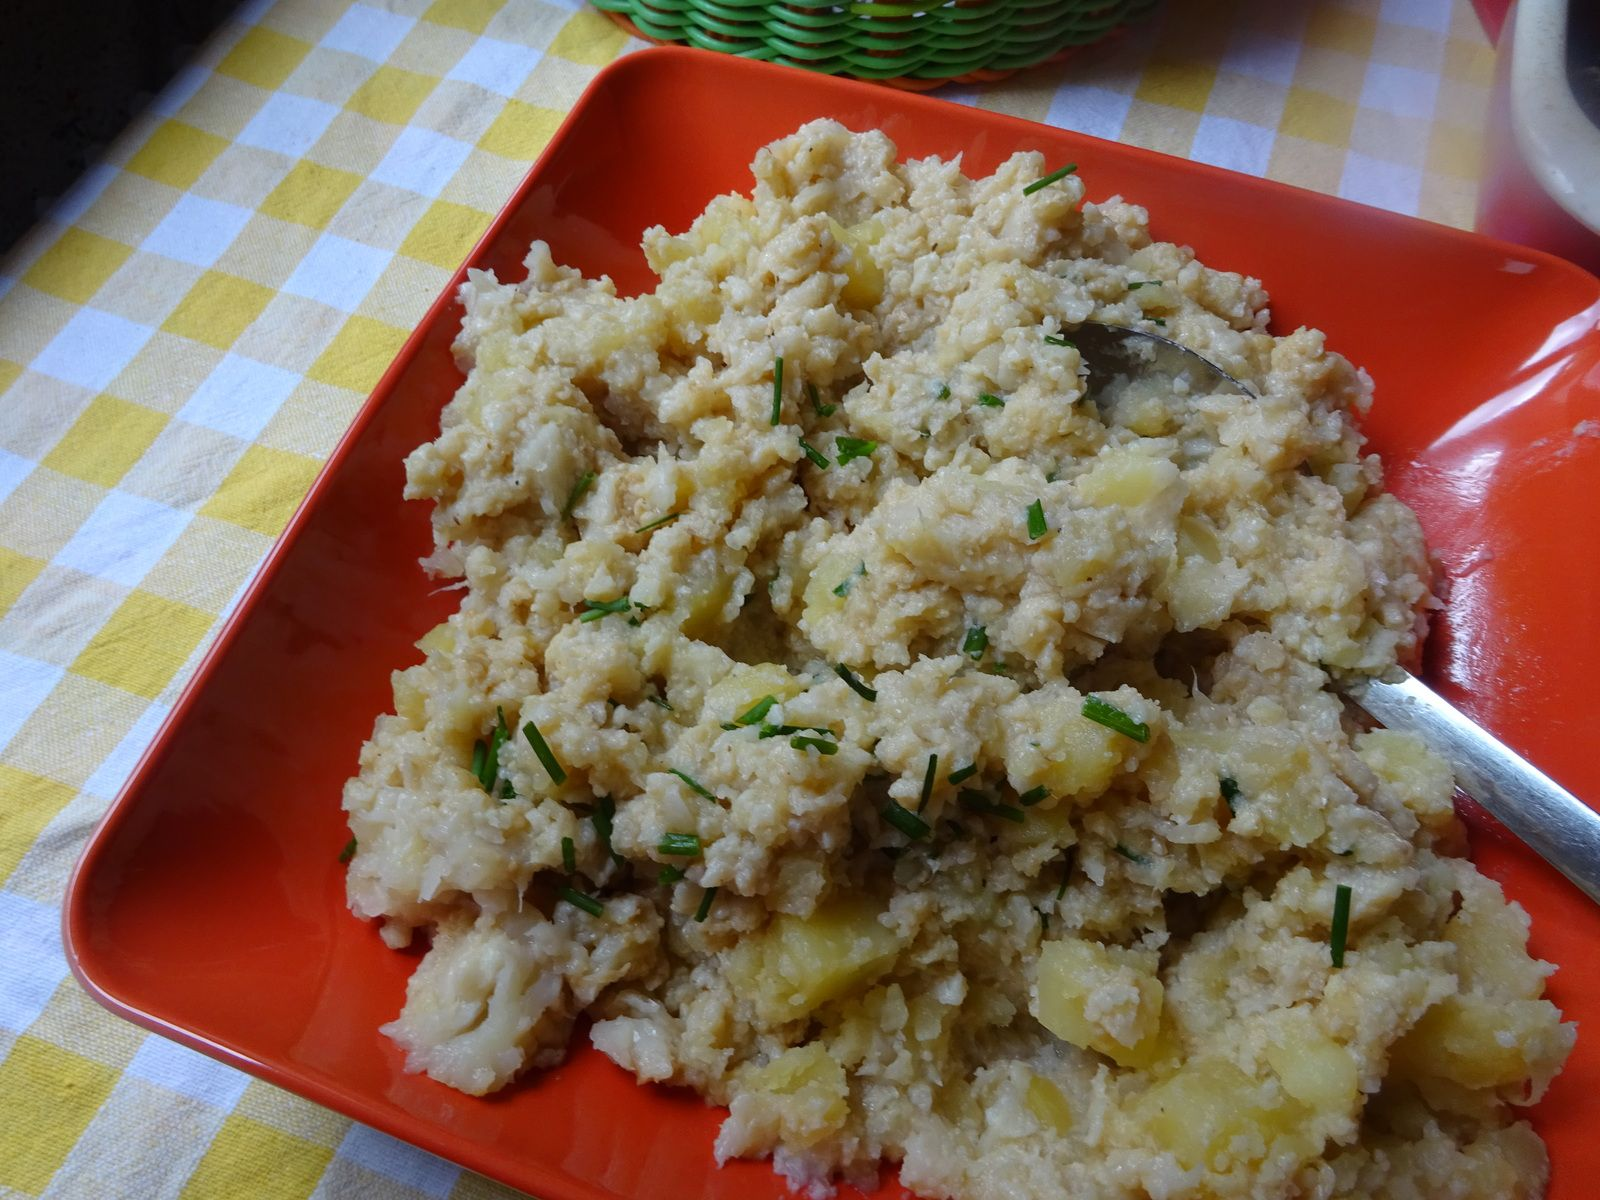 Ecrasée de pommes de terre et chou-fleur